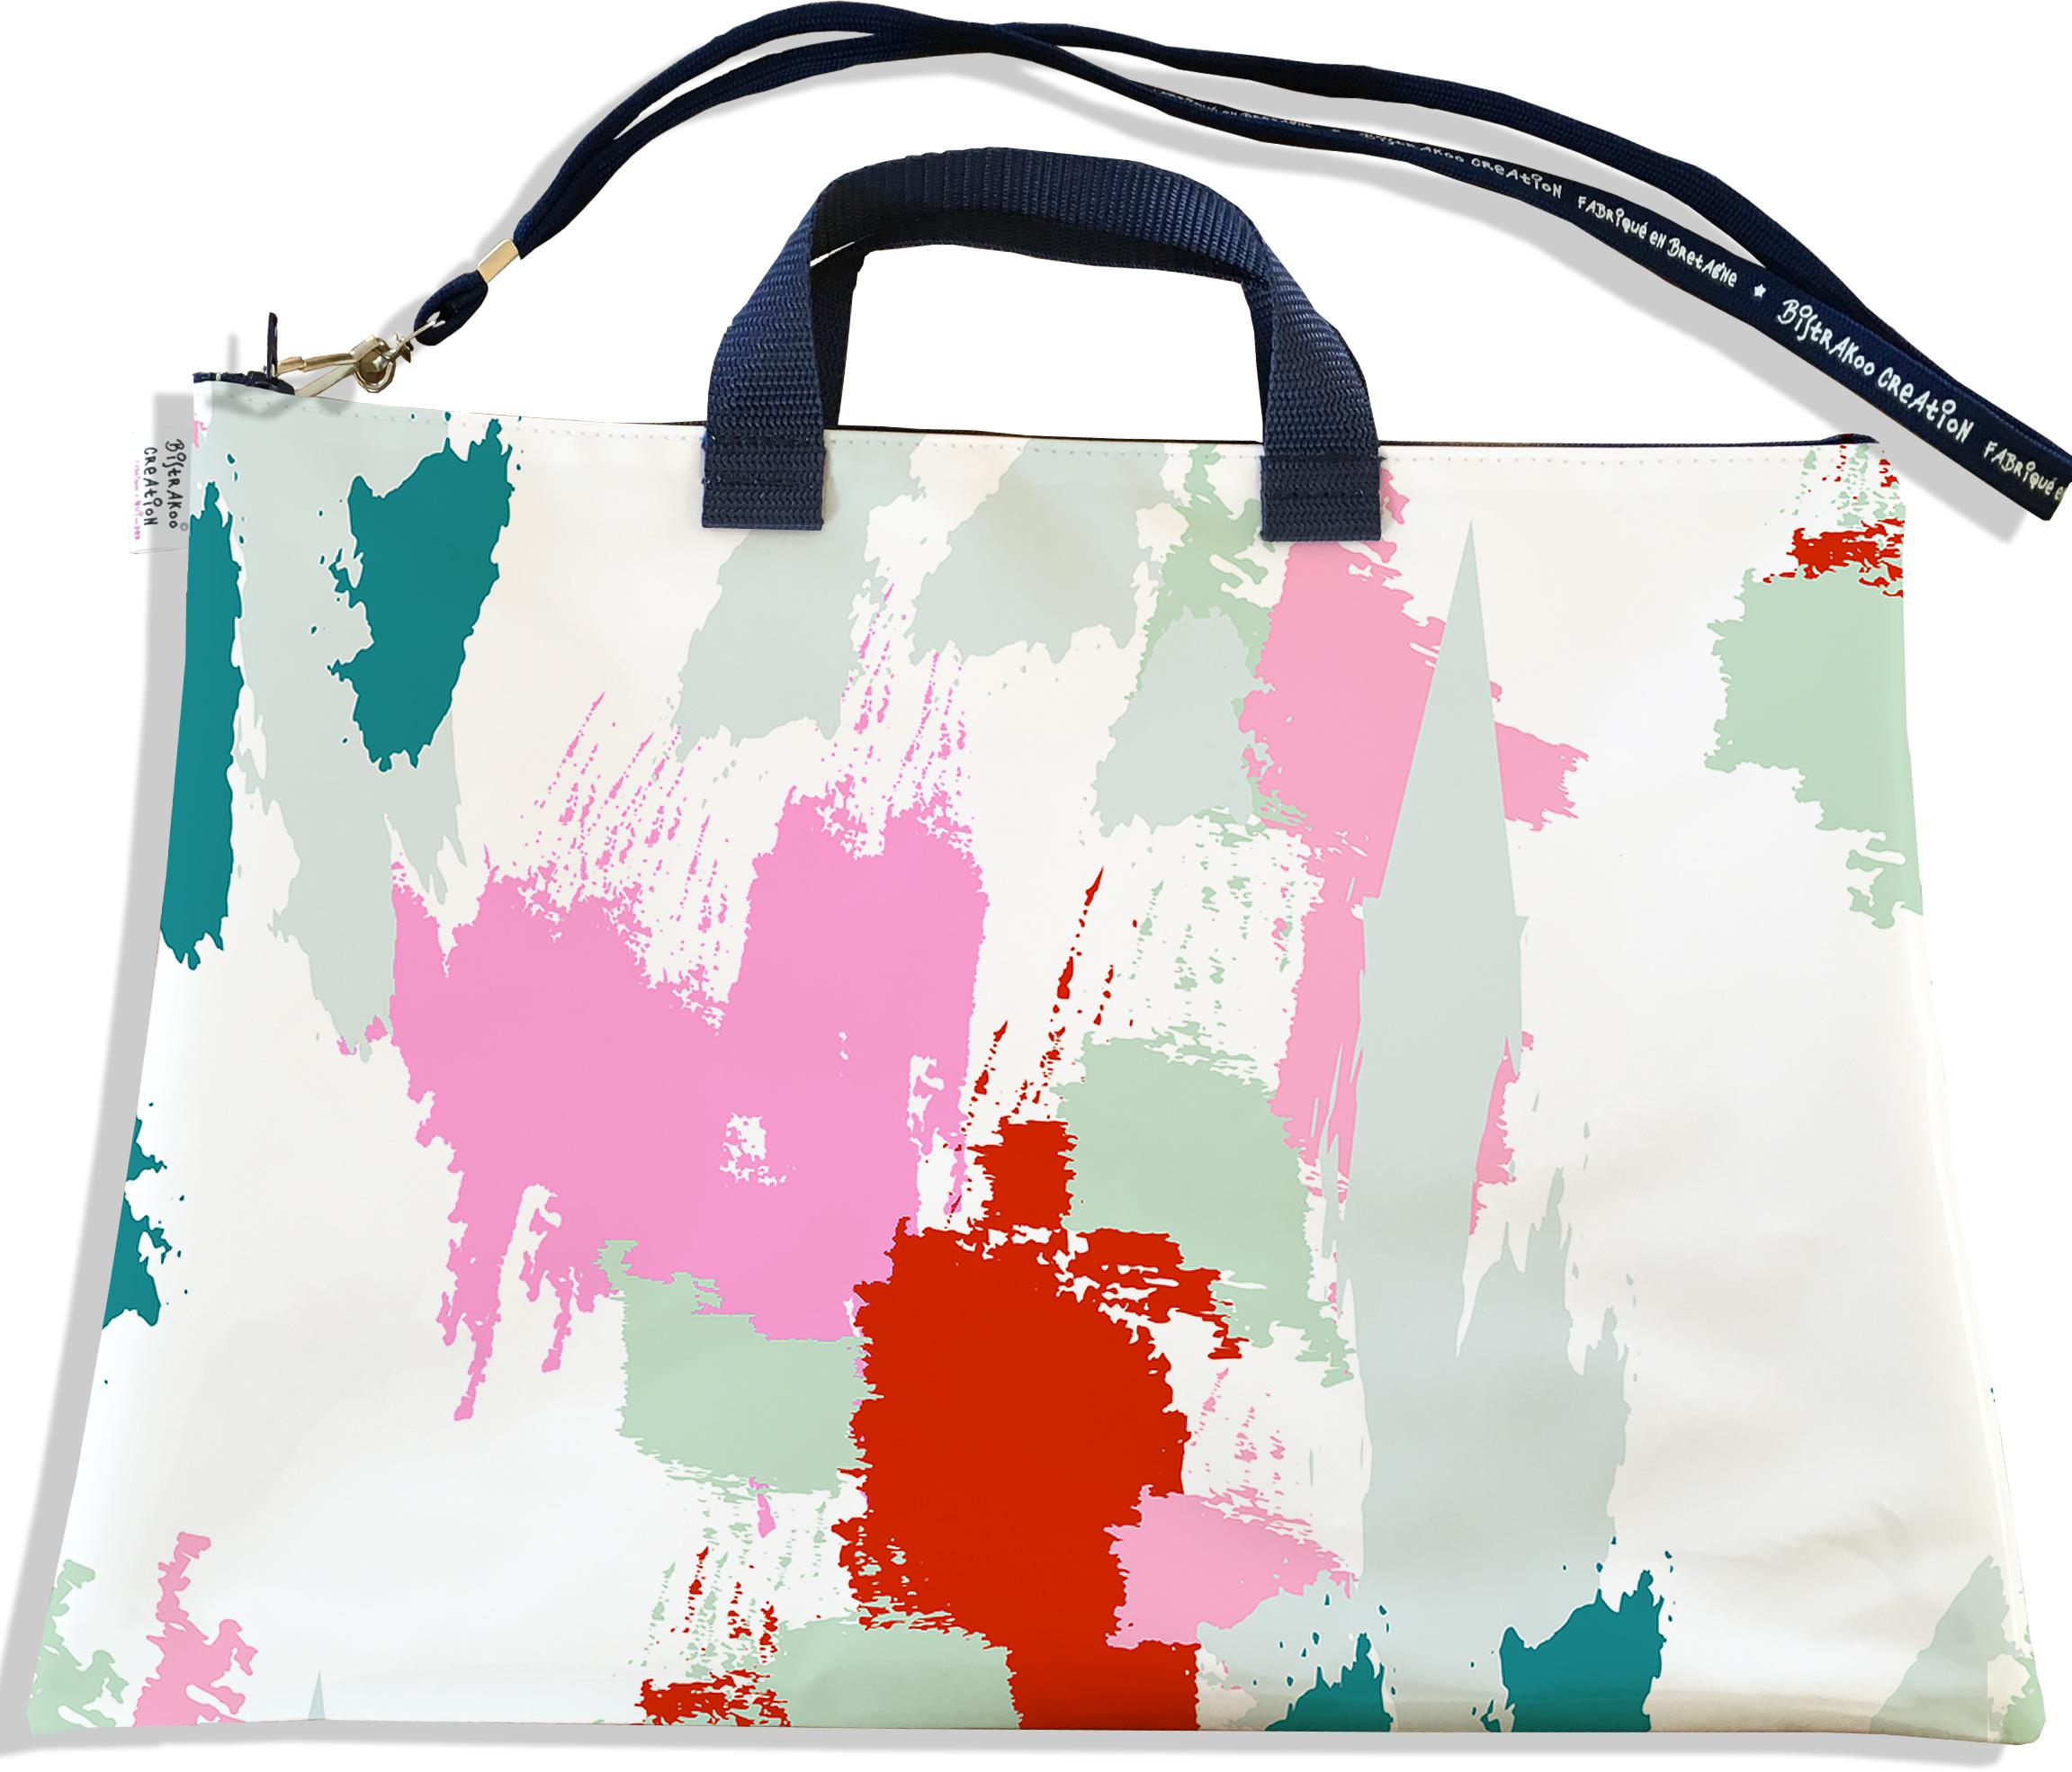 Sacoche ordinateur portable 11 & 13 pouces pour femme motif Taches Peinture multicolores SOP6001